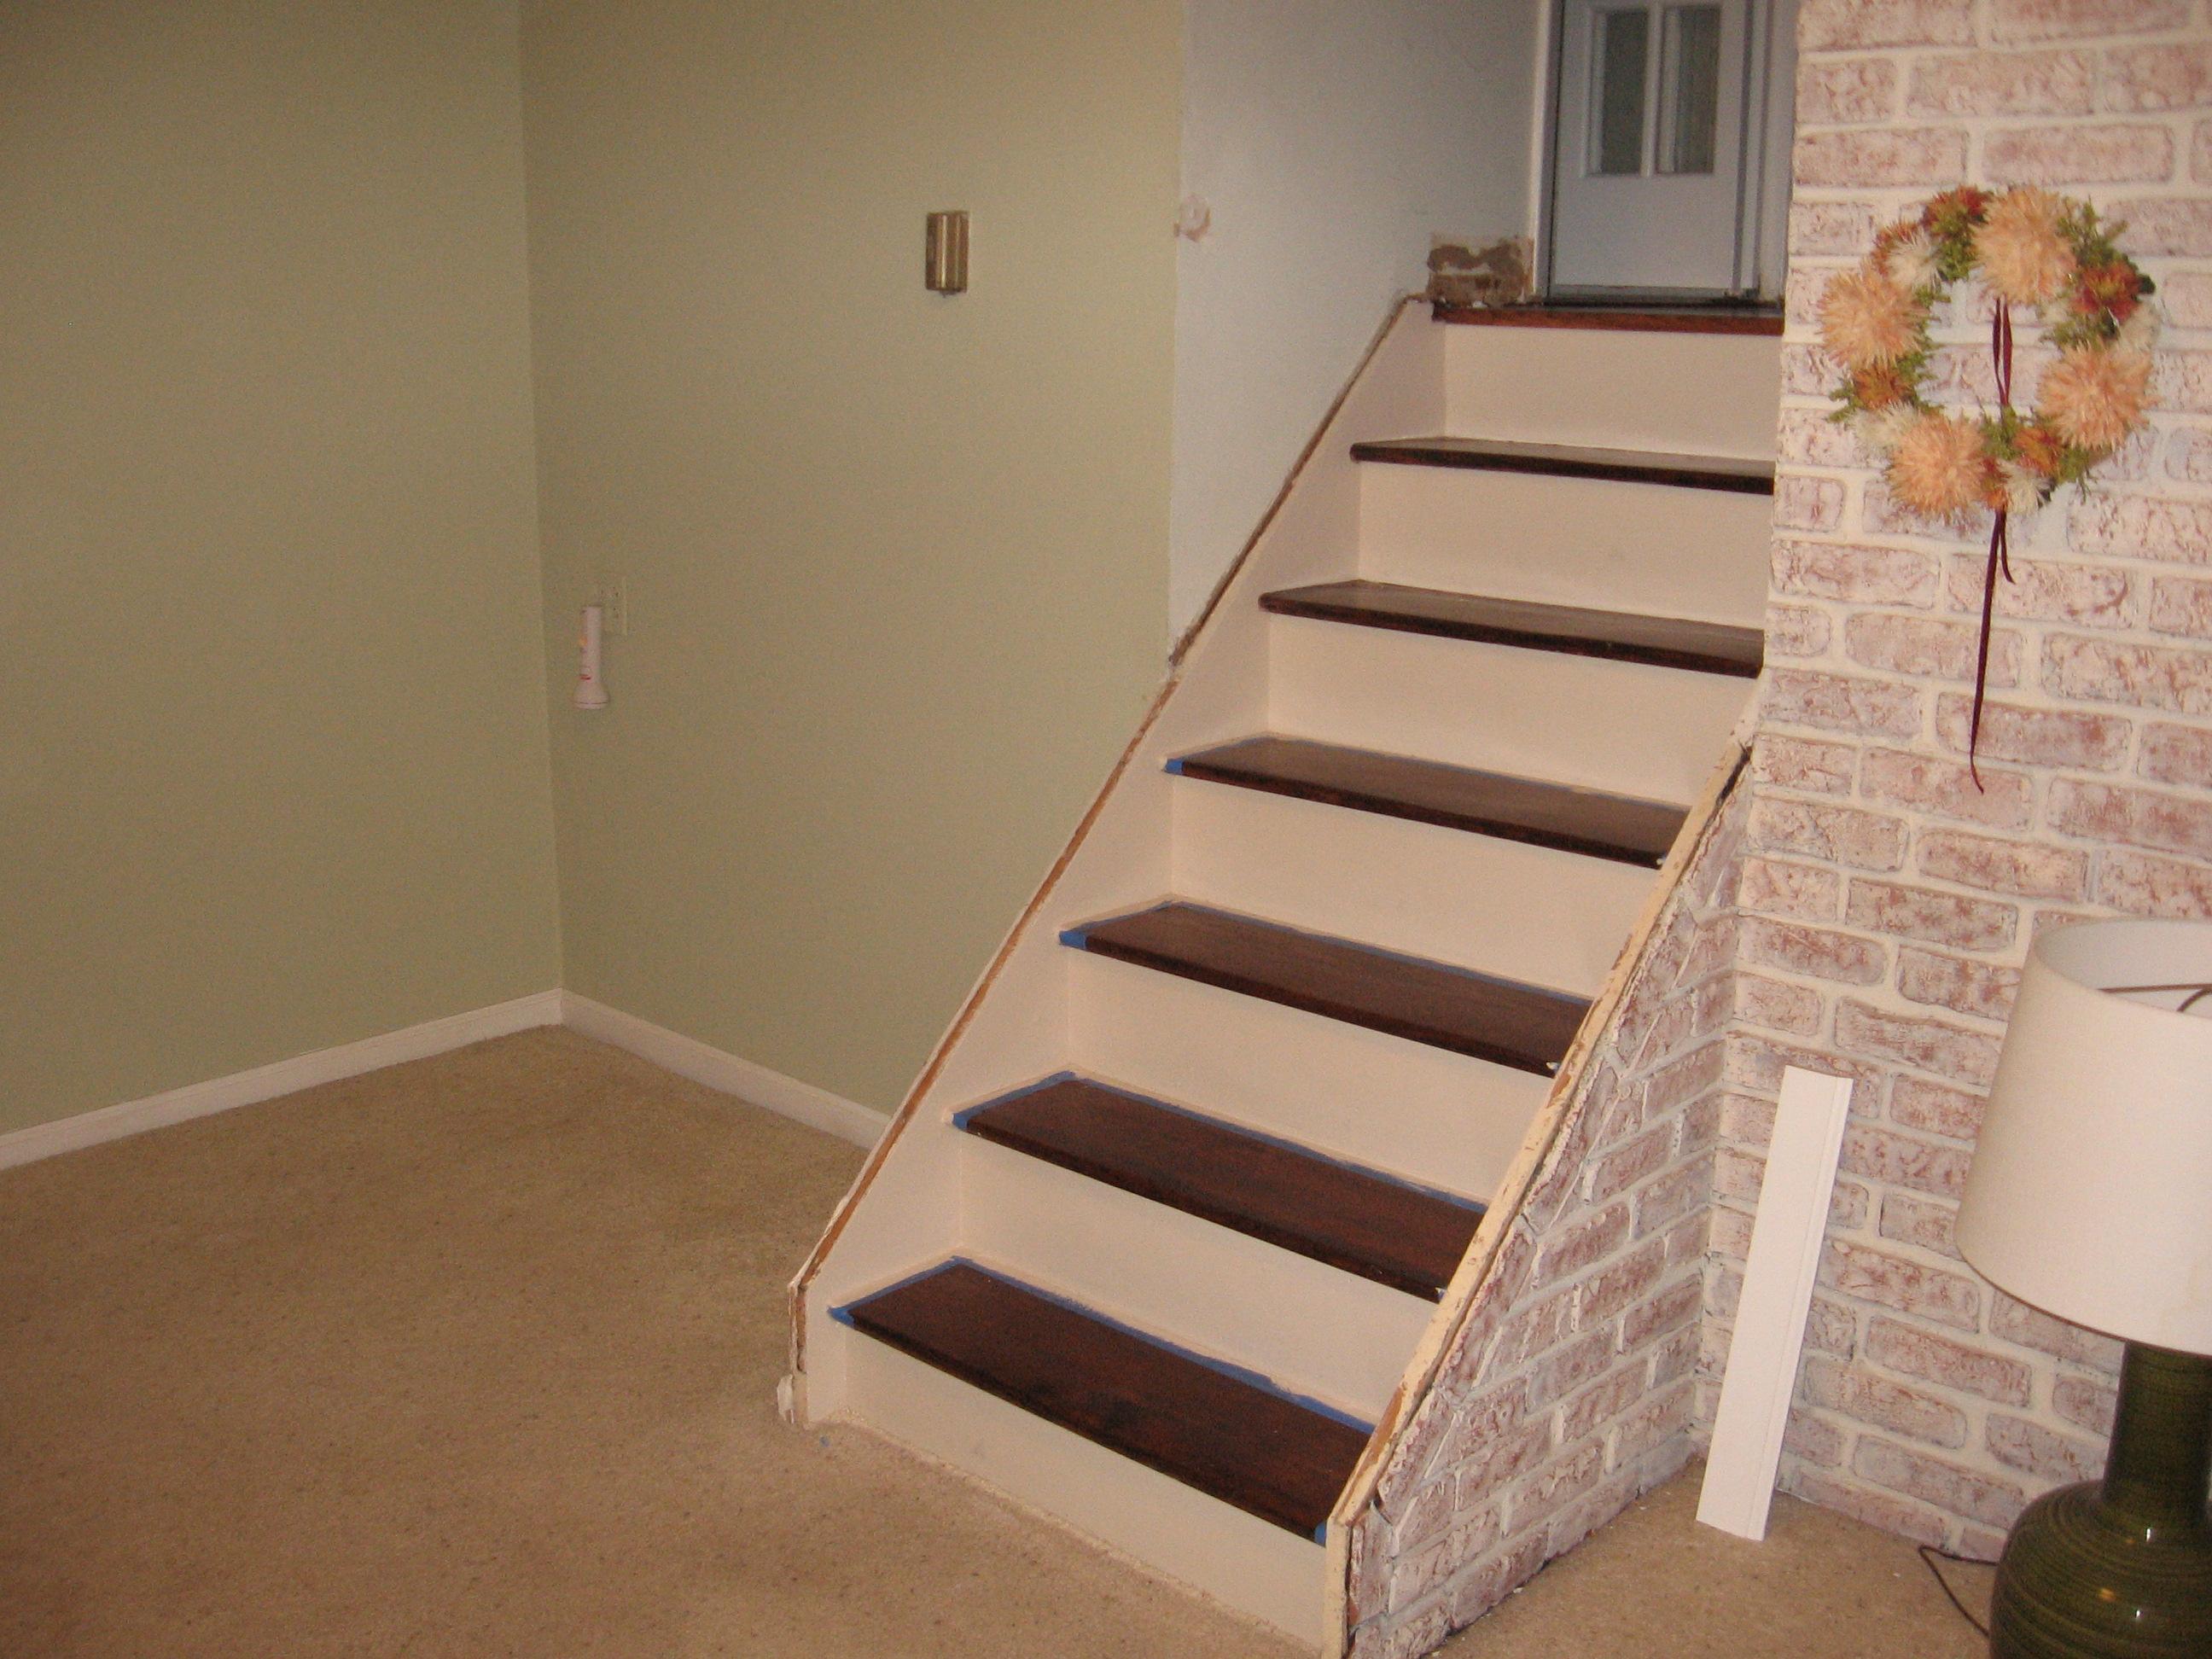 Stair Handrail Railing Help Needed Diesel Forum